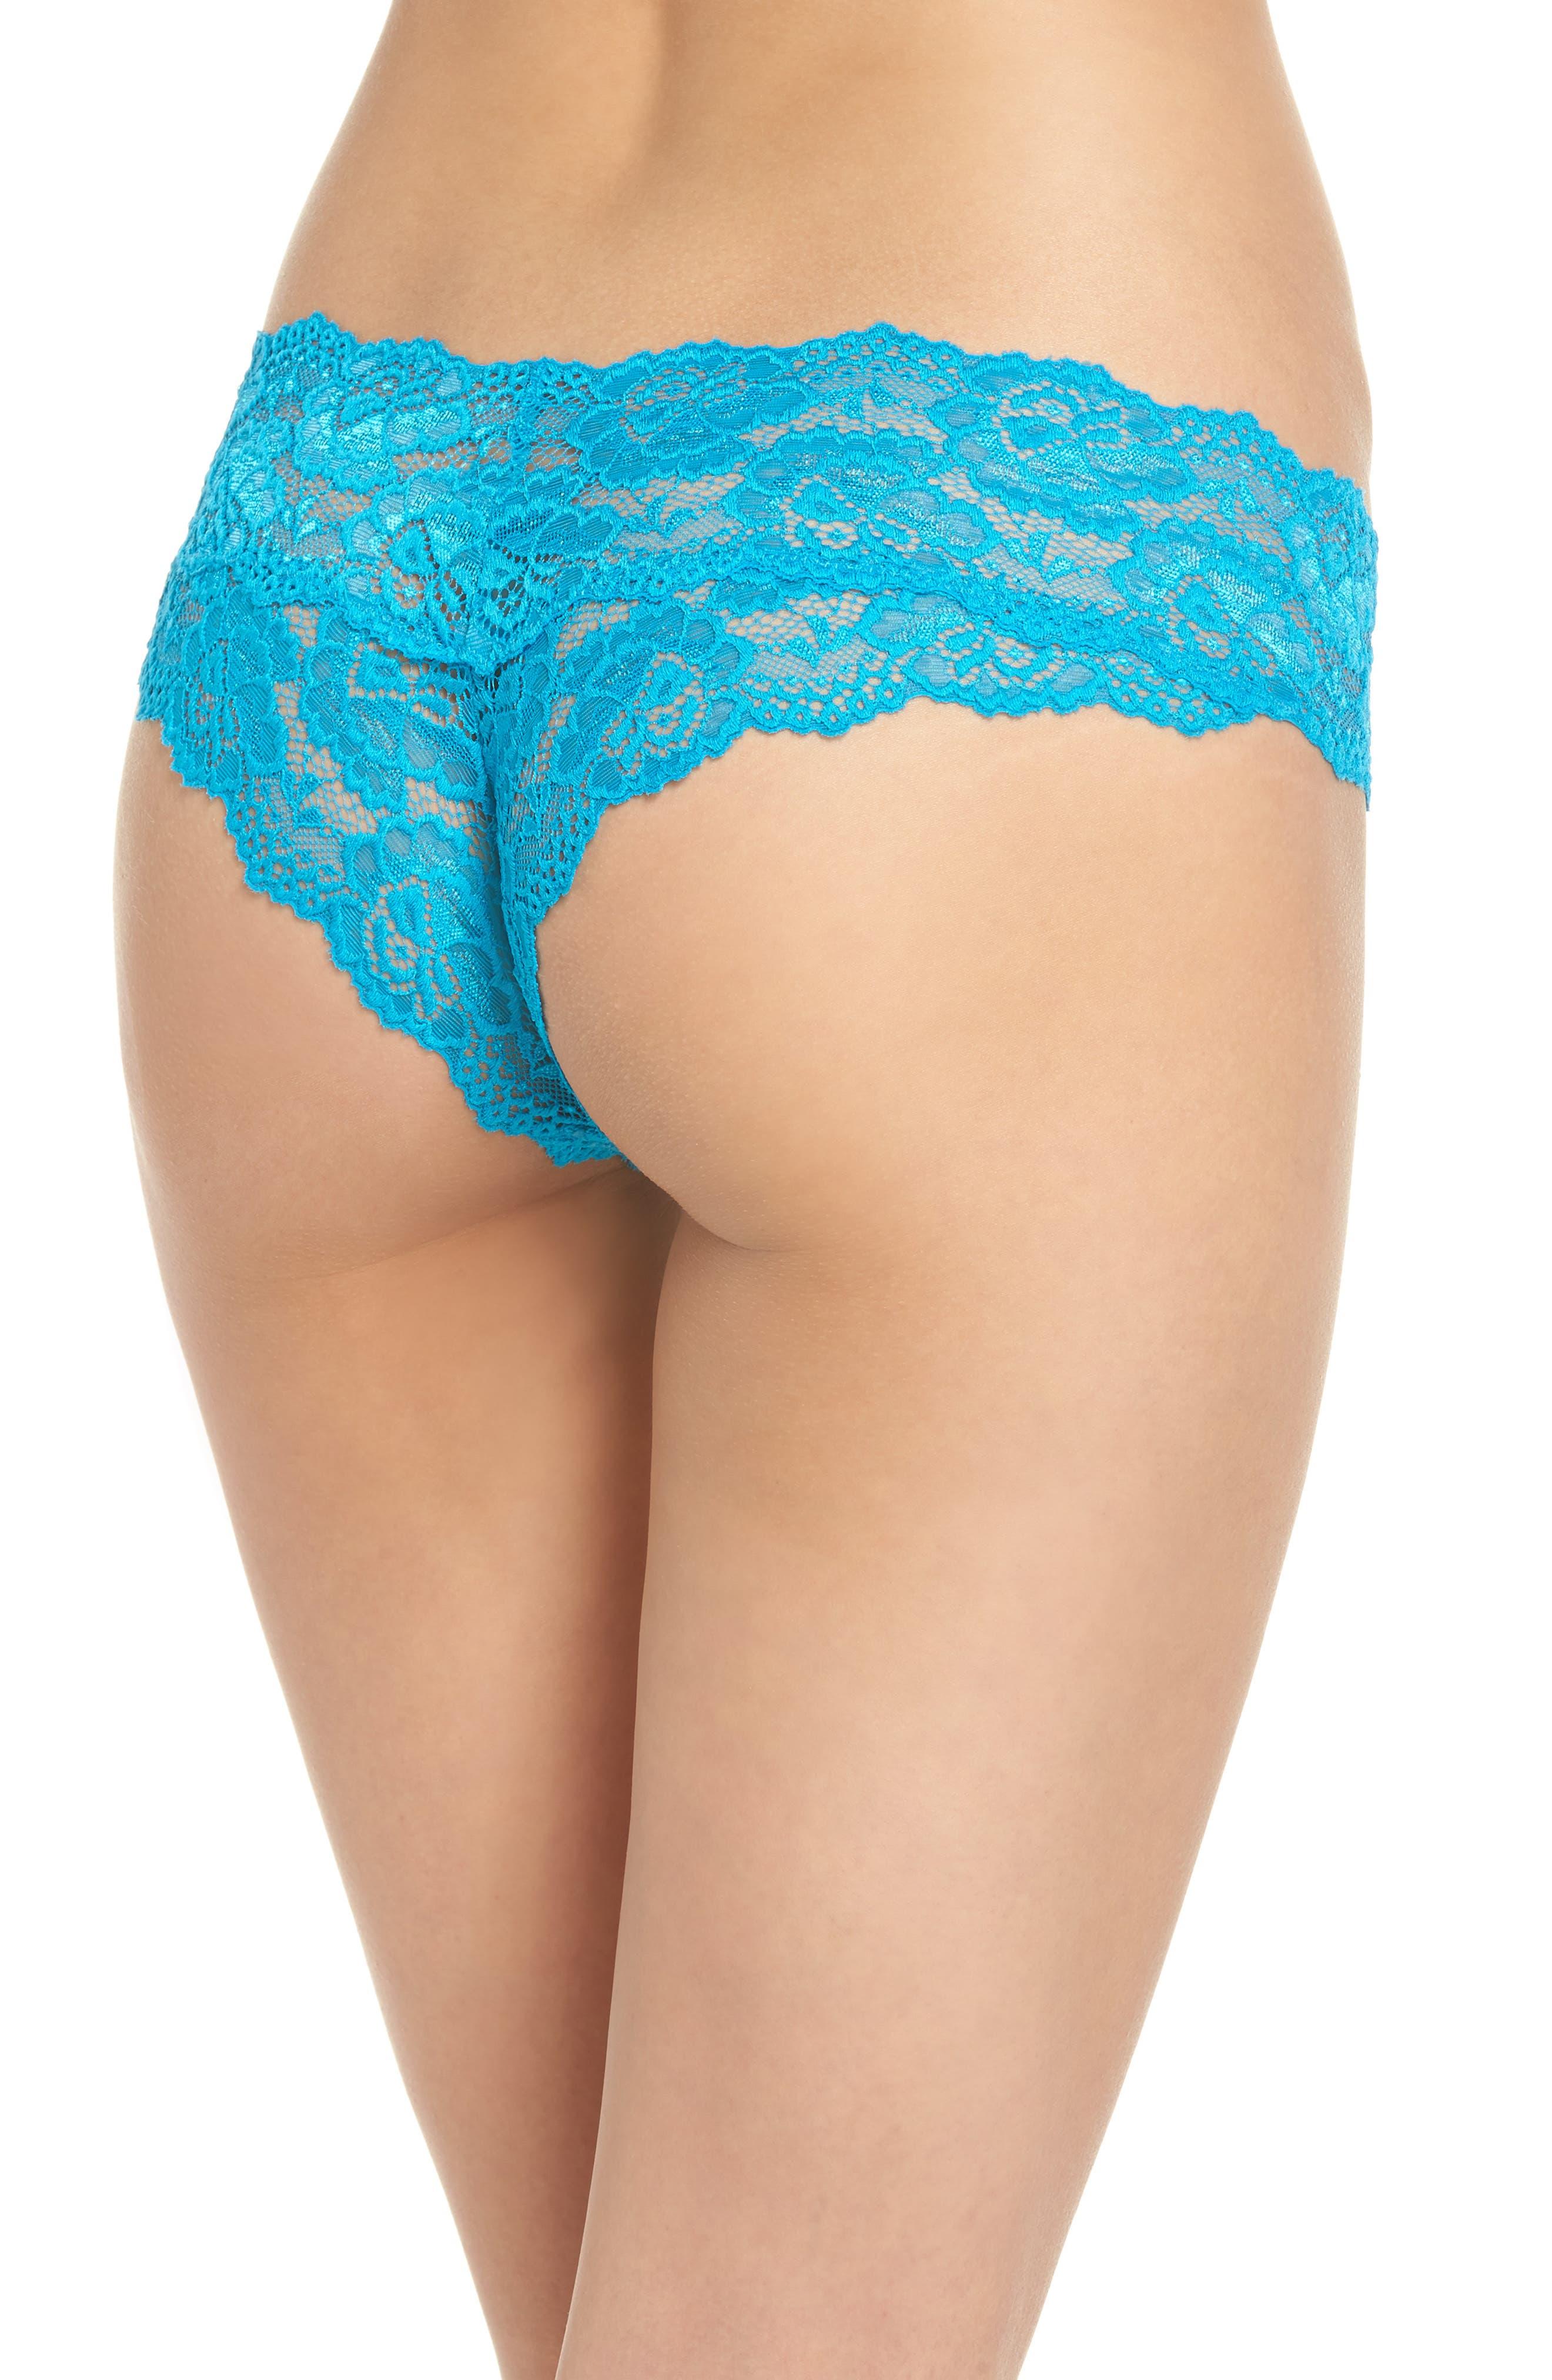 Alternate Image 2  - Skarlett Blue 'Goddess' Cheeky Hipster Bikini (3 for $45)